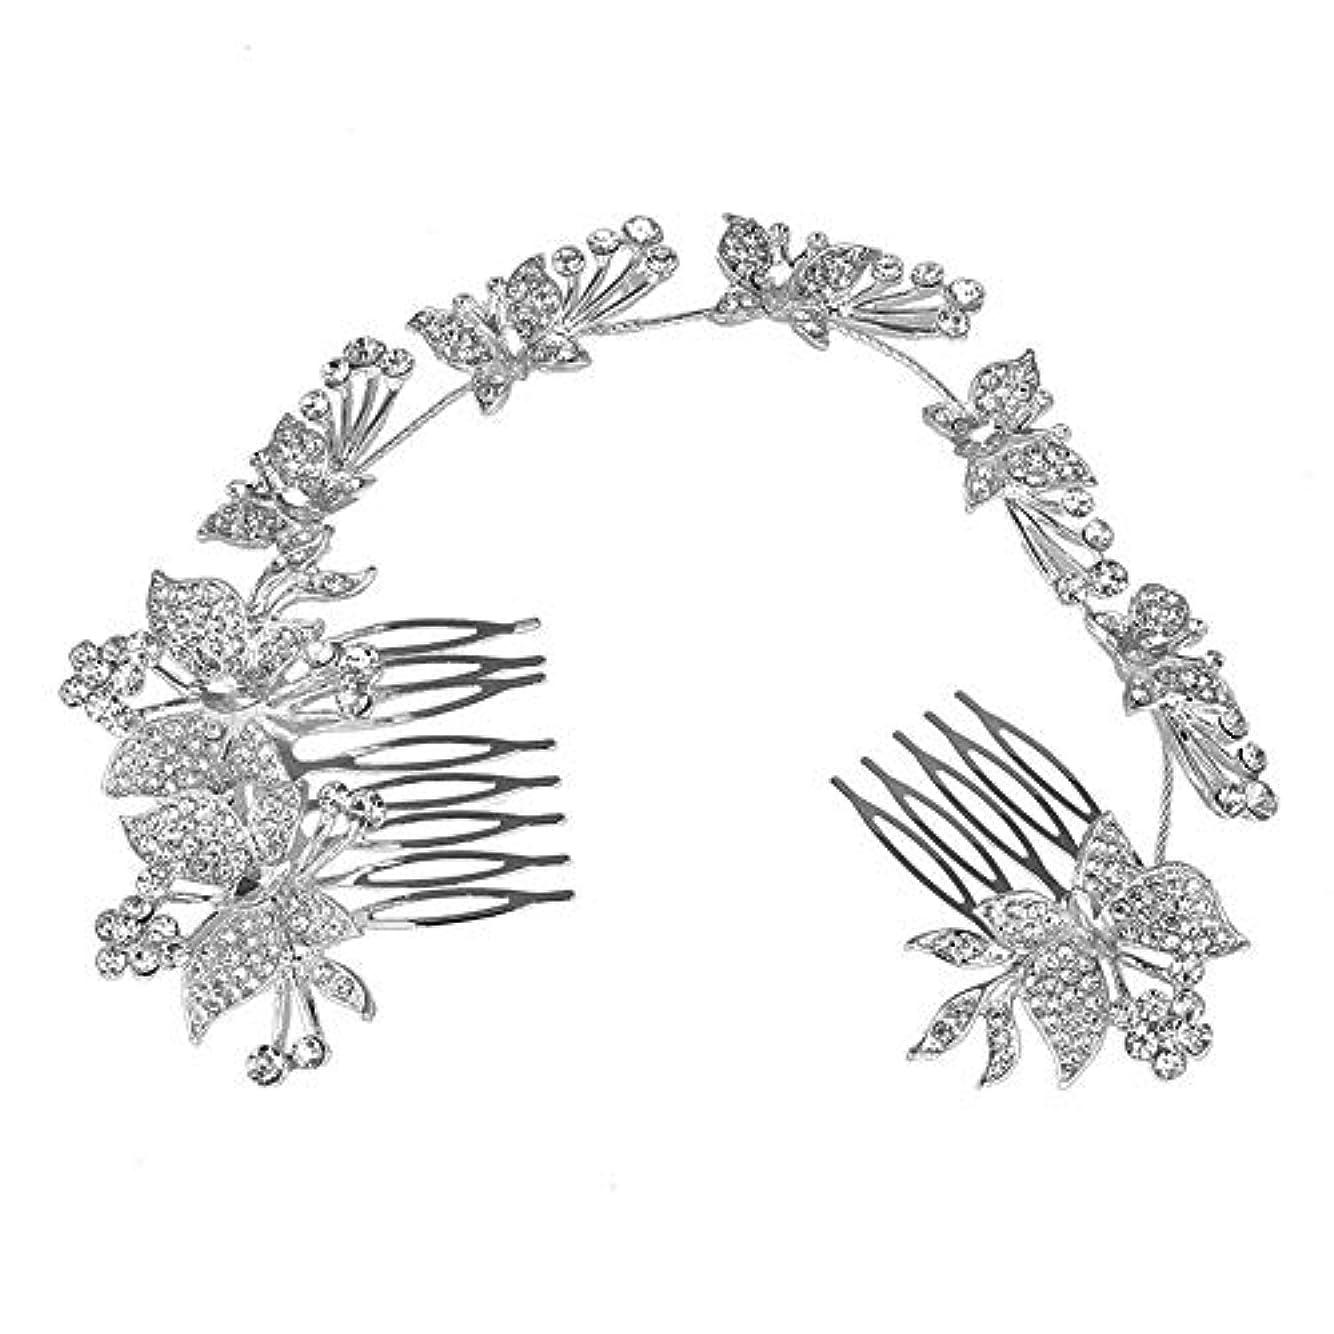 猫背境界着る髪の櫛、櫛、蝶、髪の櫛、ブライダル髪の櫛、結婚式の髪の櫛、ラインストーンの櫛、ヘッドギア